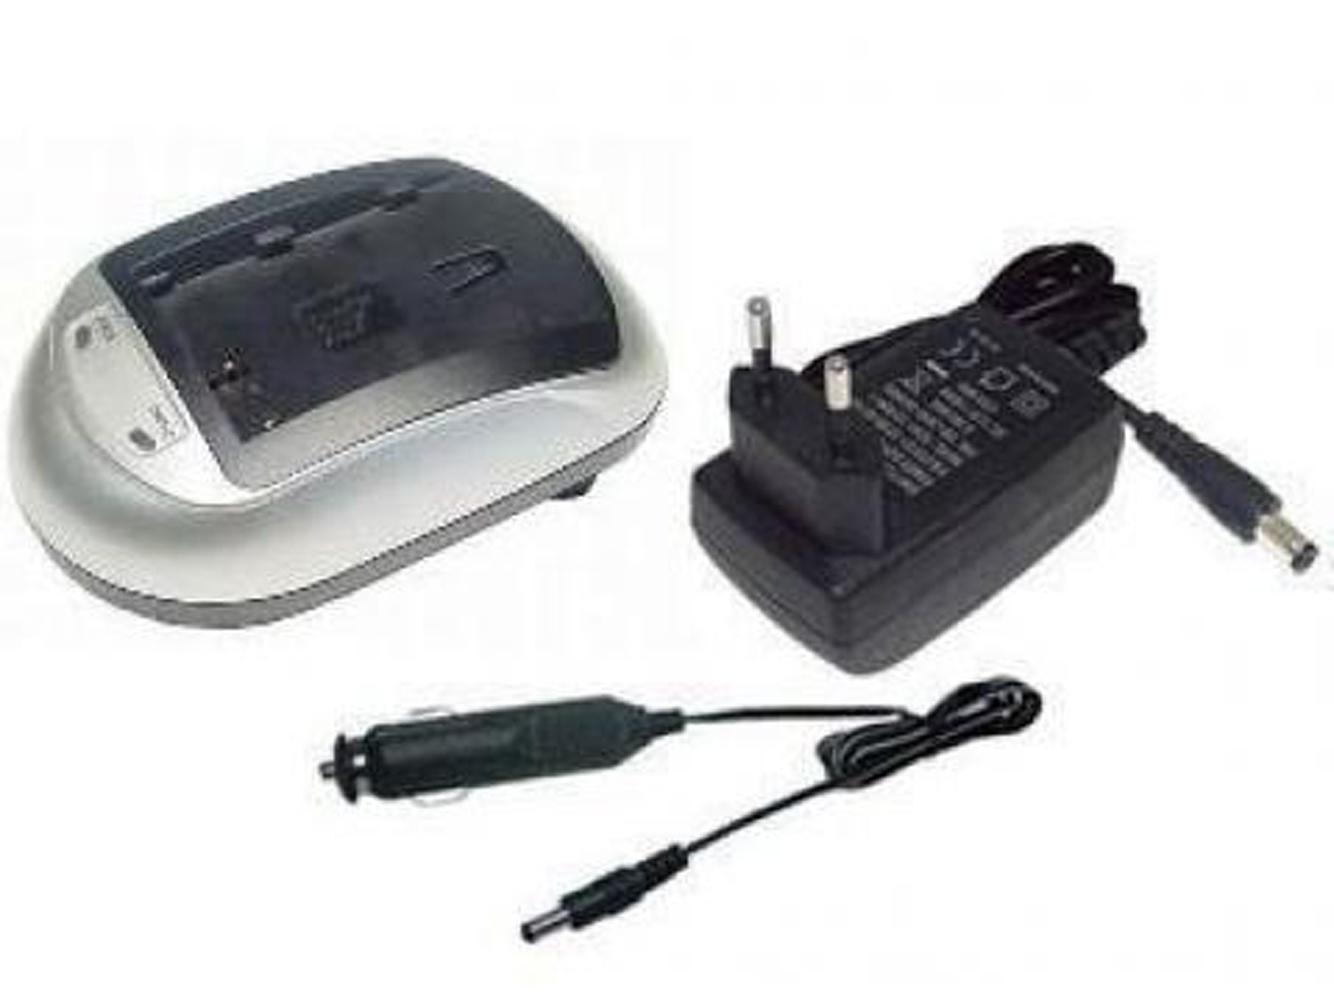 Battery Charger for NIKON EN-EL3, EN-EL3a, EN-EL3e, MH-18, MH-18a